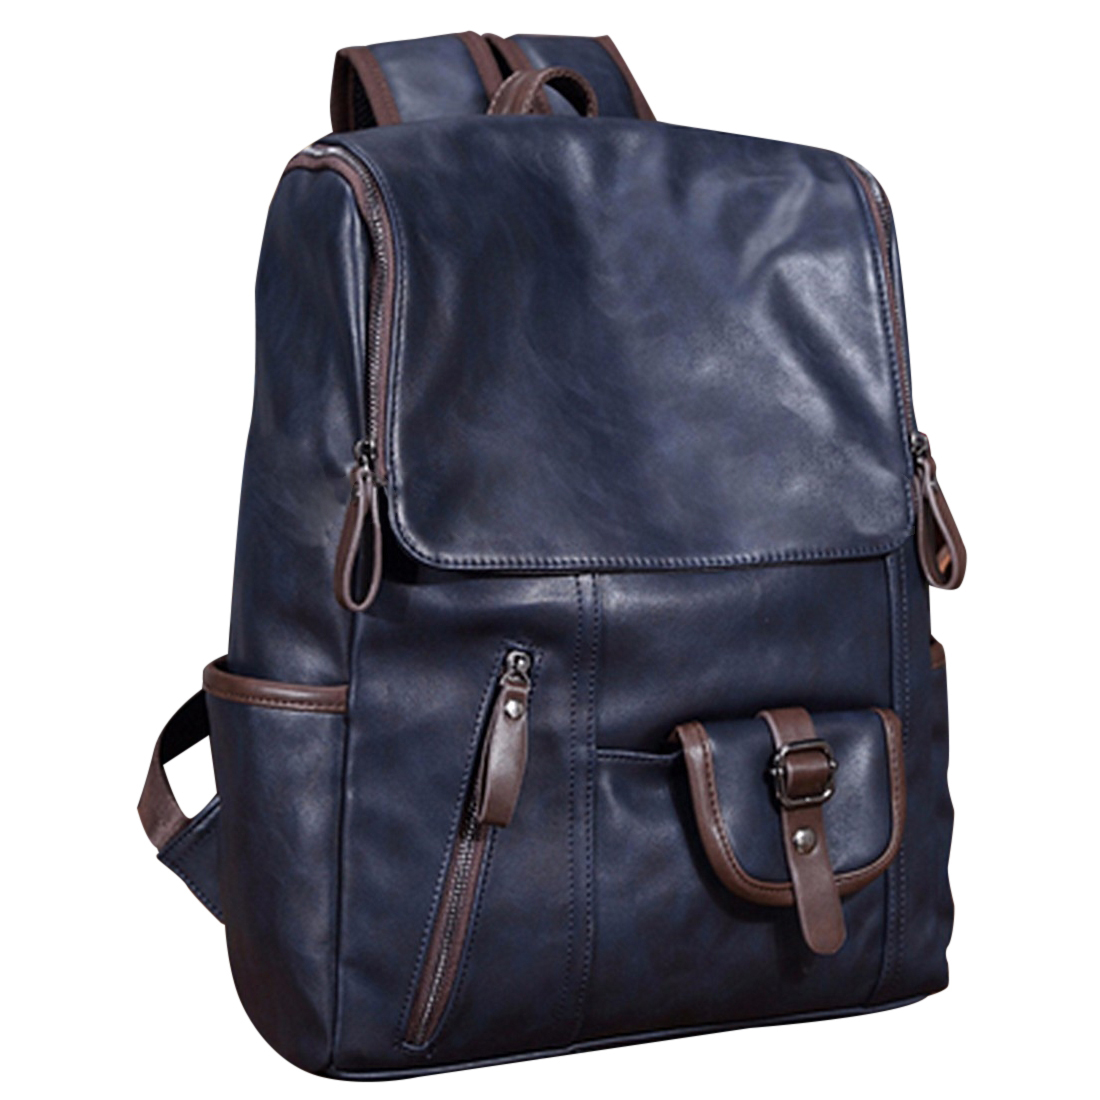 4eadaf6f7d SNNY Vintage Men Backpack Leather Messenger School Bag Satchel Laptop  Travel Rucksack Blue